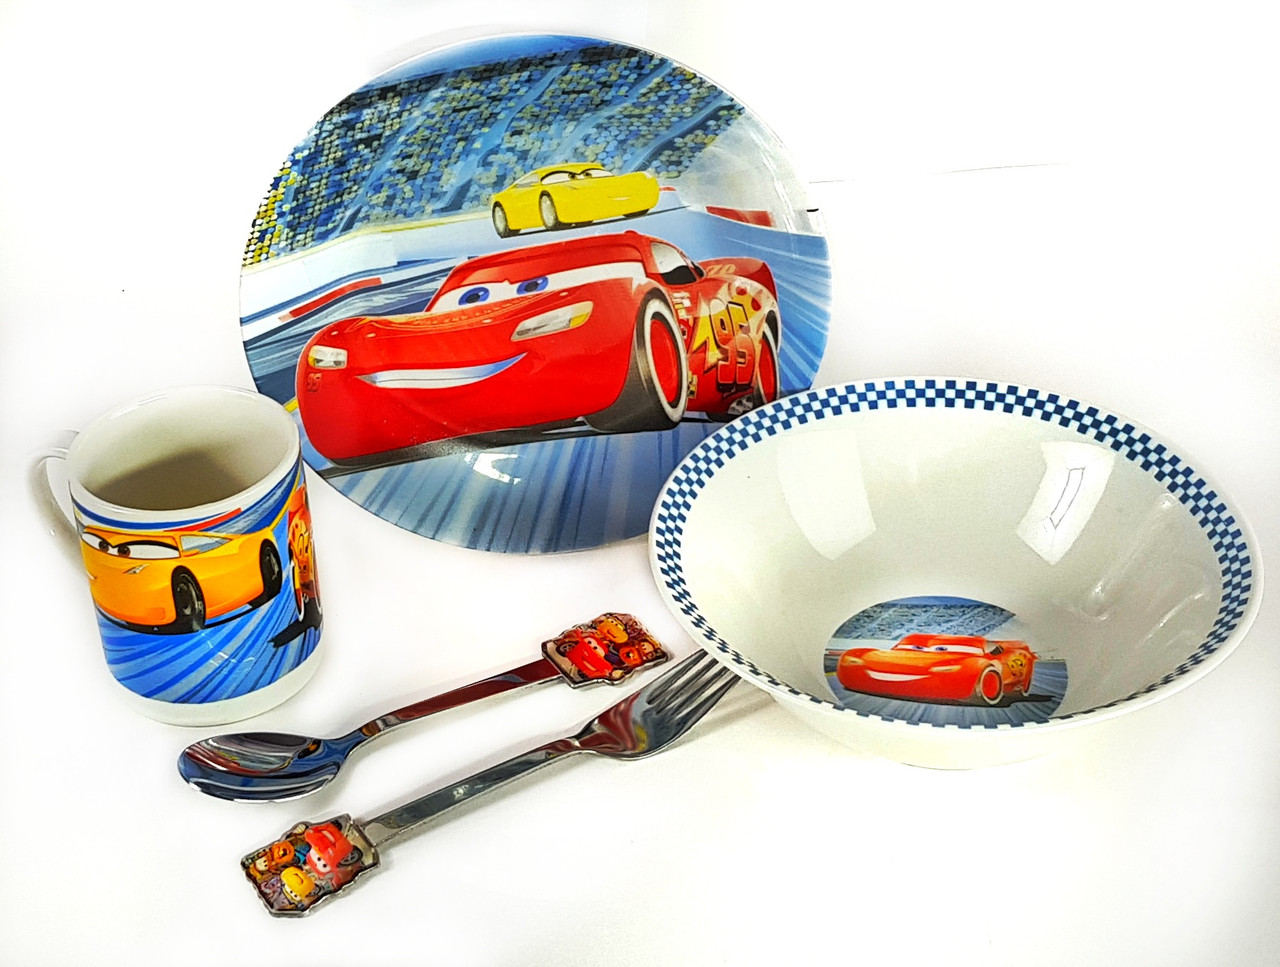 Набор детской керамической посуды Тачки 5 предметов Cars Yellow 2